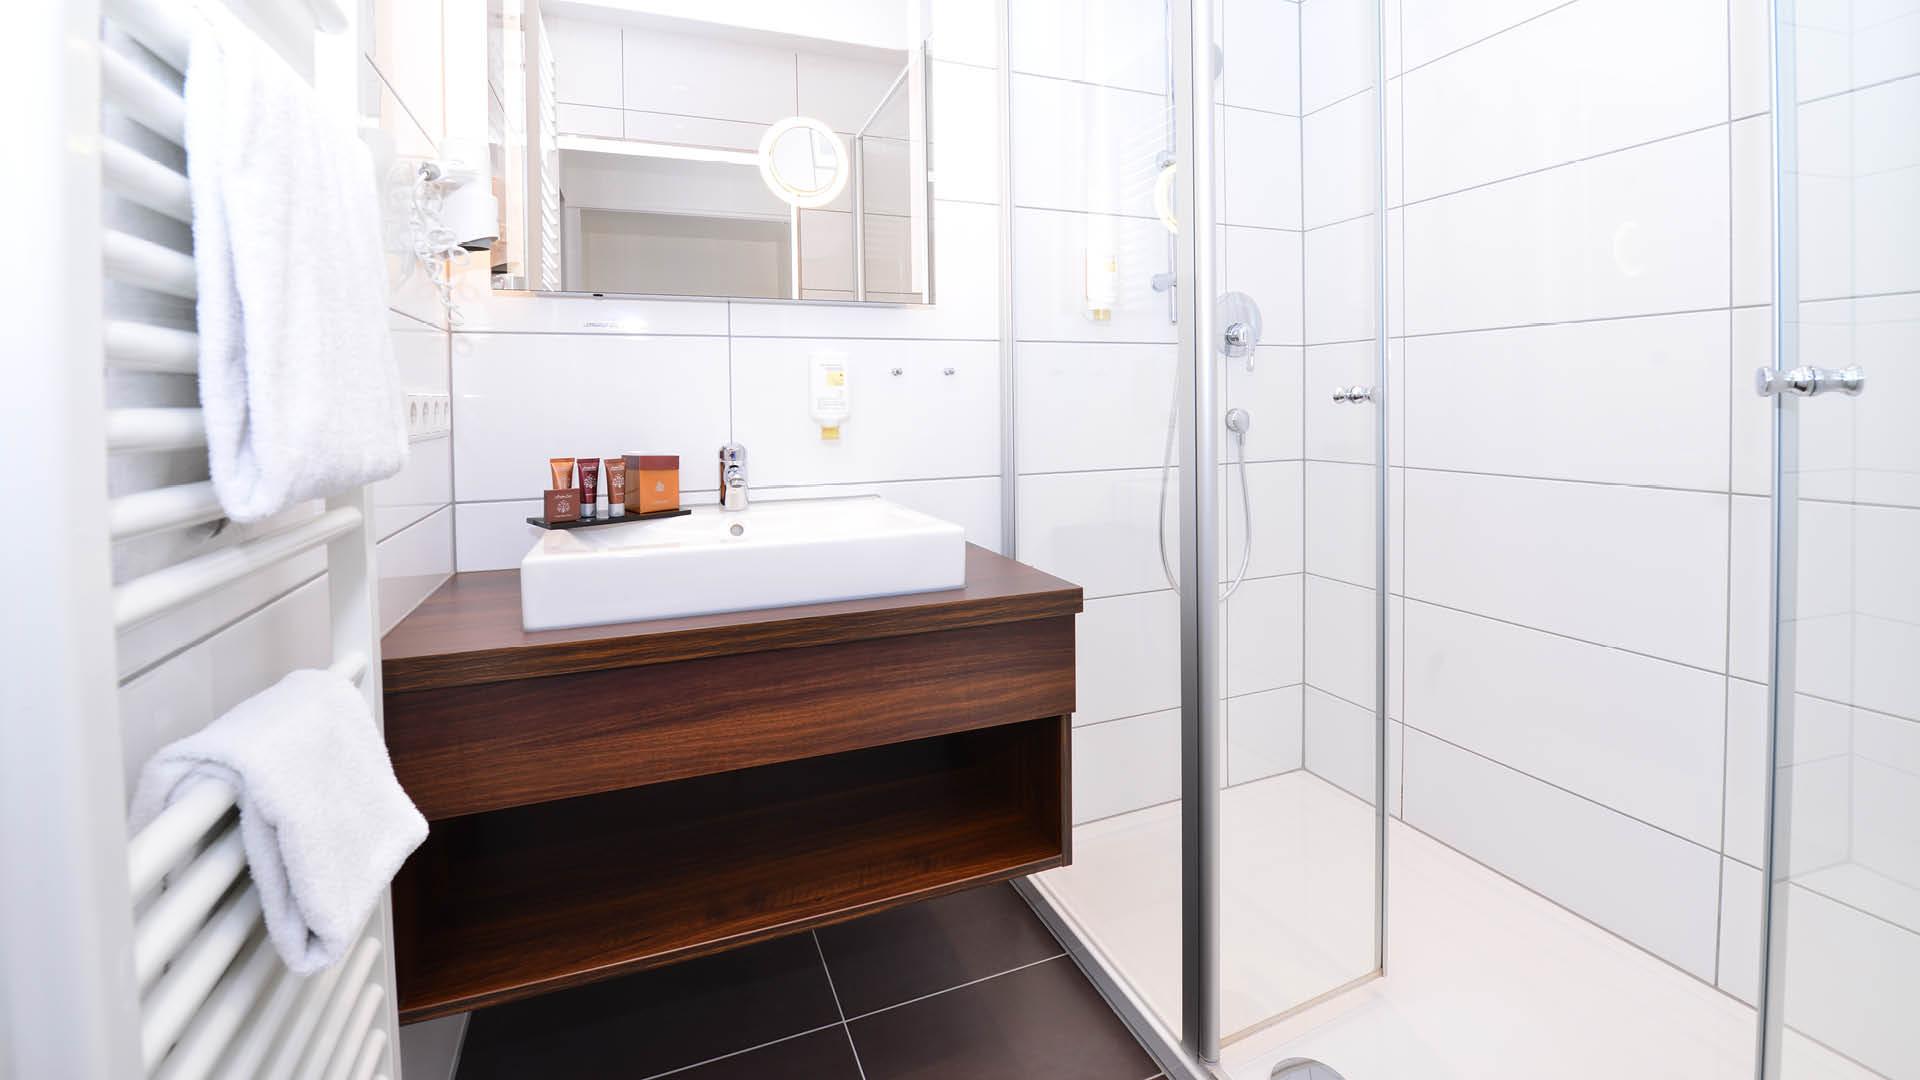 Miller-Ladenbau Hotel Lobinger 05 1920x1080